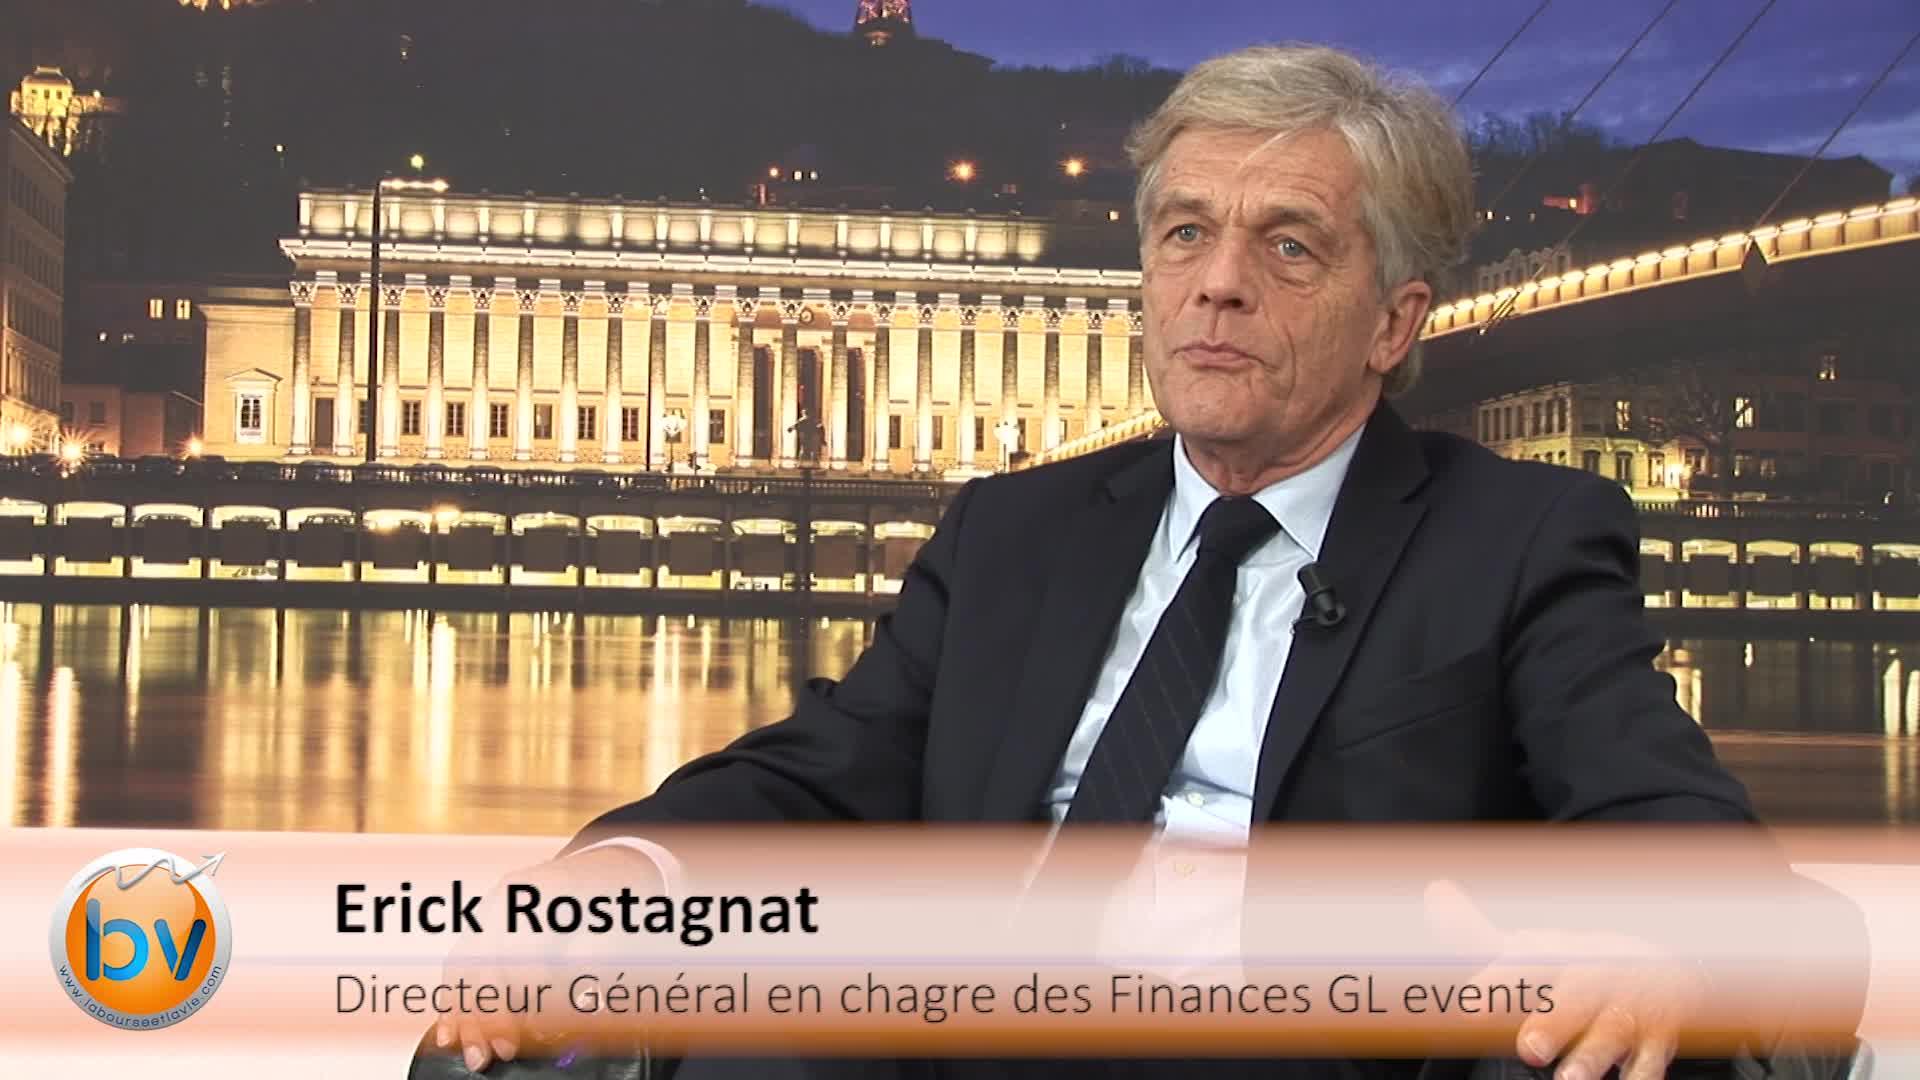 """Erick Rostagnat Directeur Général en charge des Finances GL events : """"Toujours à l'affût d'opportunités"""""""